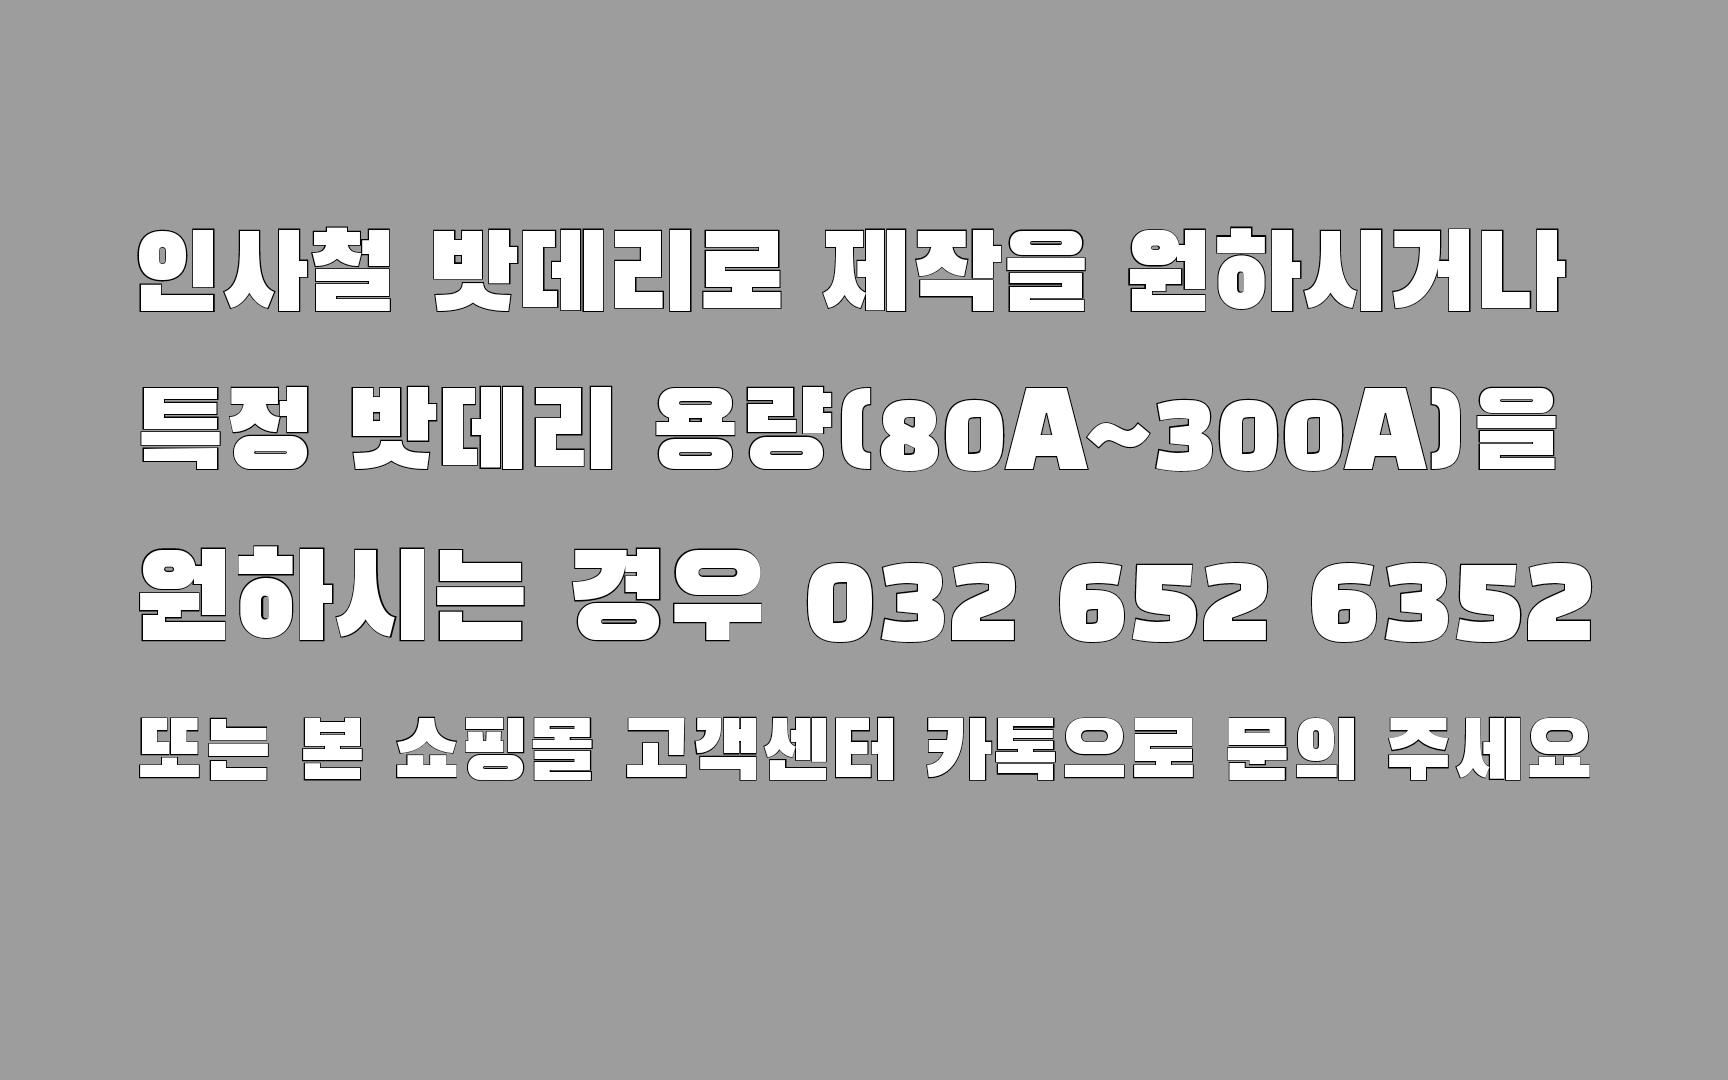 ec917f9025ecc95afcbba13043d402a6_1612334384_3116.png